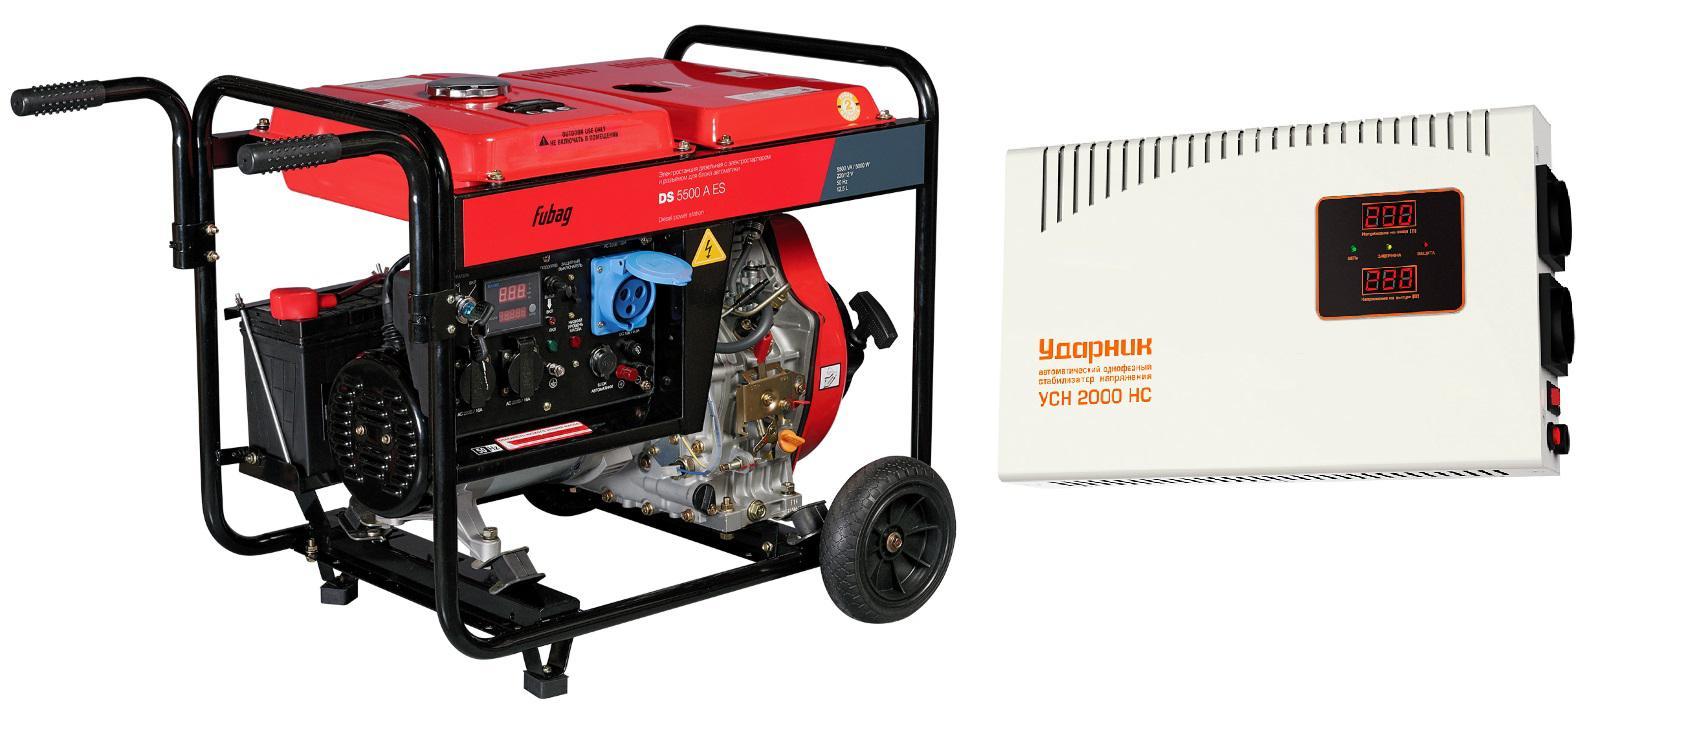 Набор Fubag Бензиновый генератор ds 5500 a es +Стабилизатор напряжения УСН 2000 НС бензиновый генератор fubag bs 3300 es